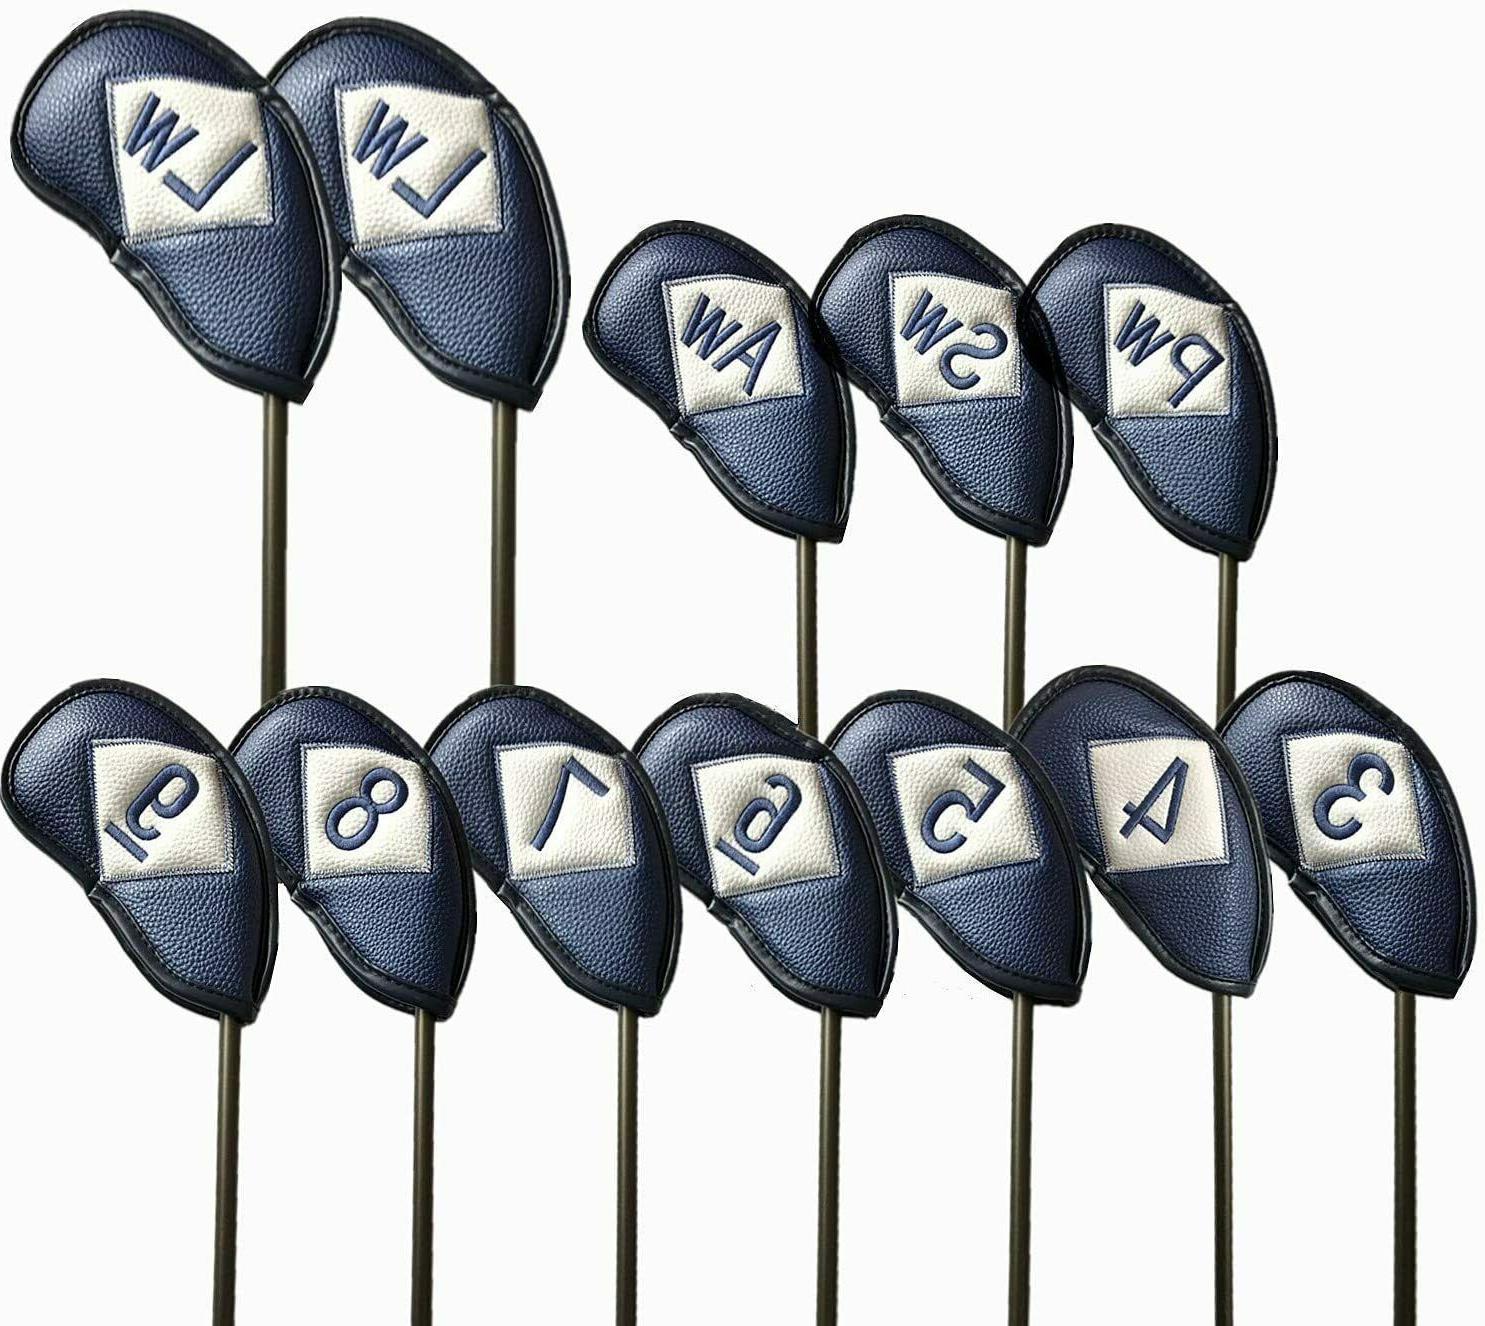 Golf Iron Irons Club Stock